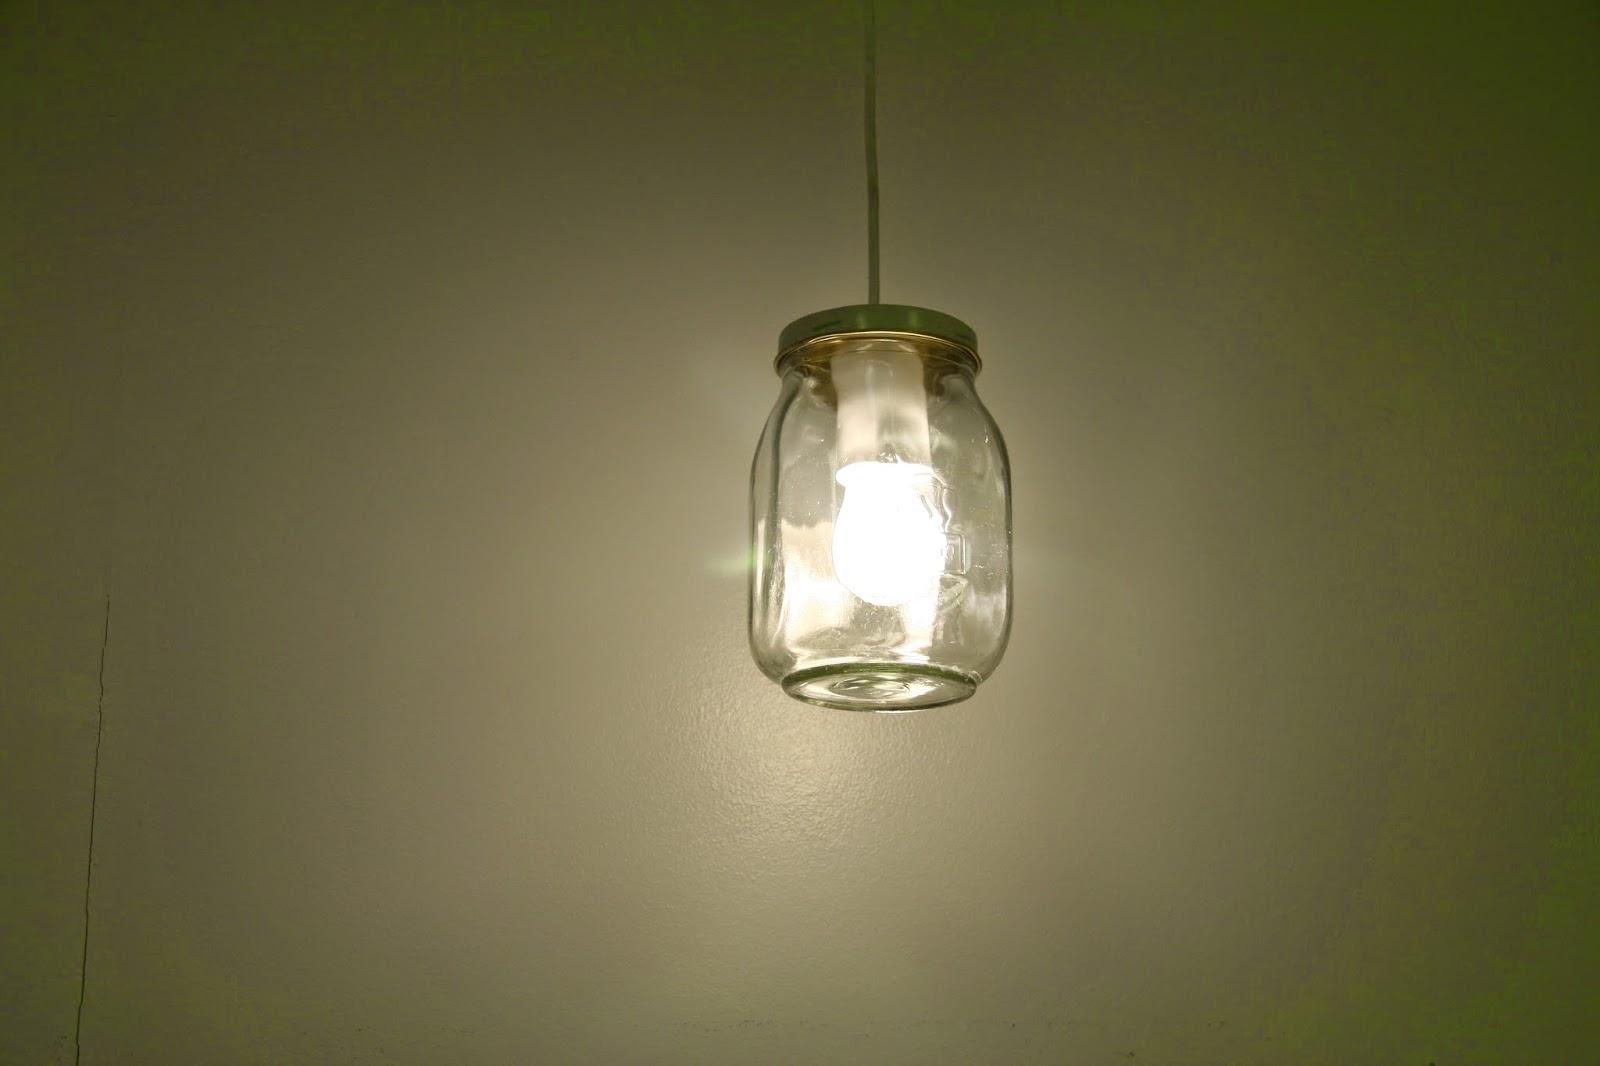 Keittiön  Vain elämää lamput   oma koti kultainen